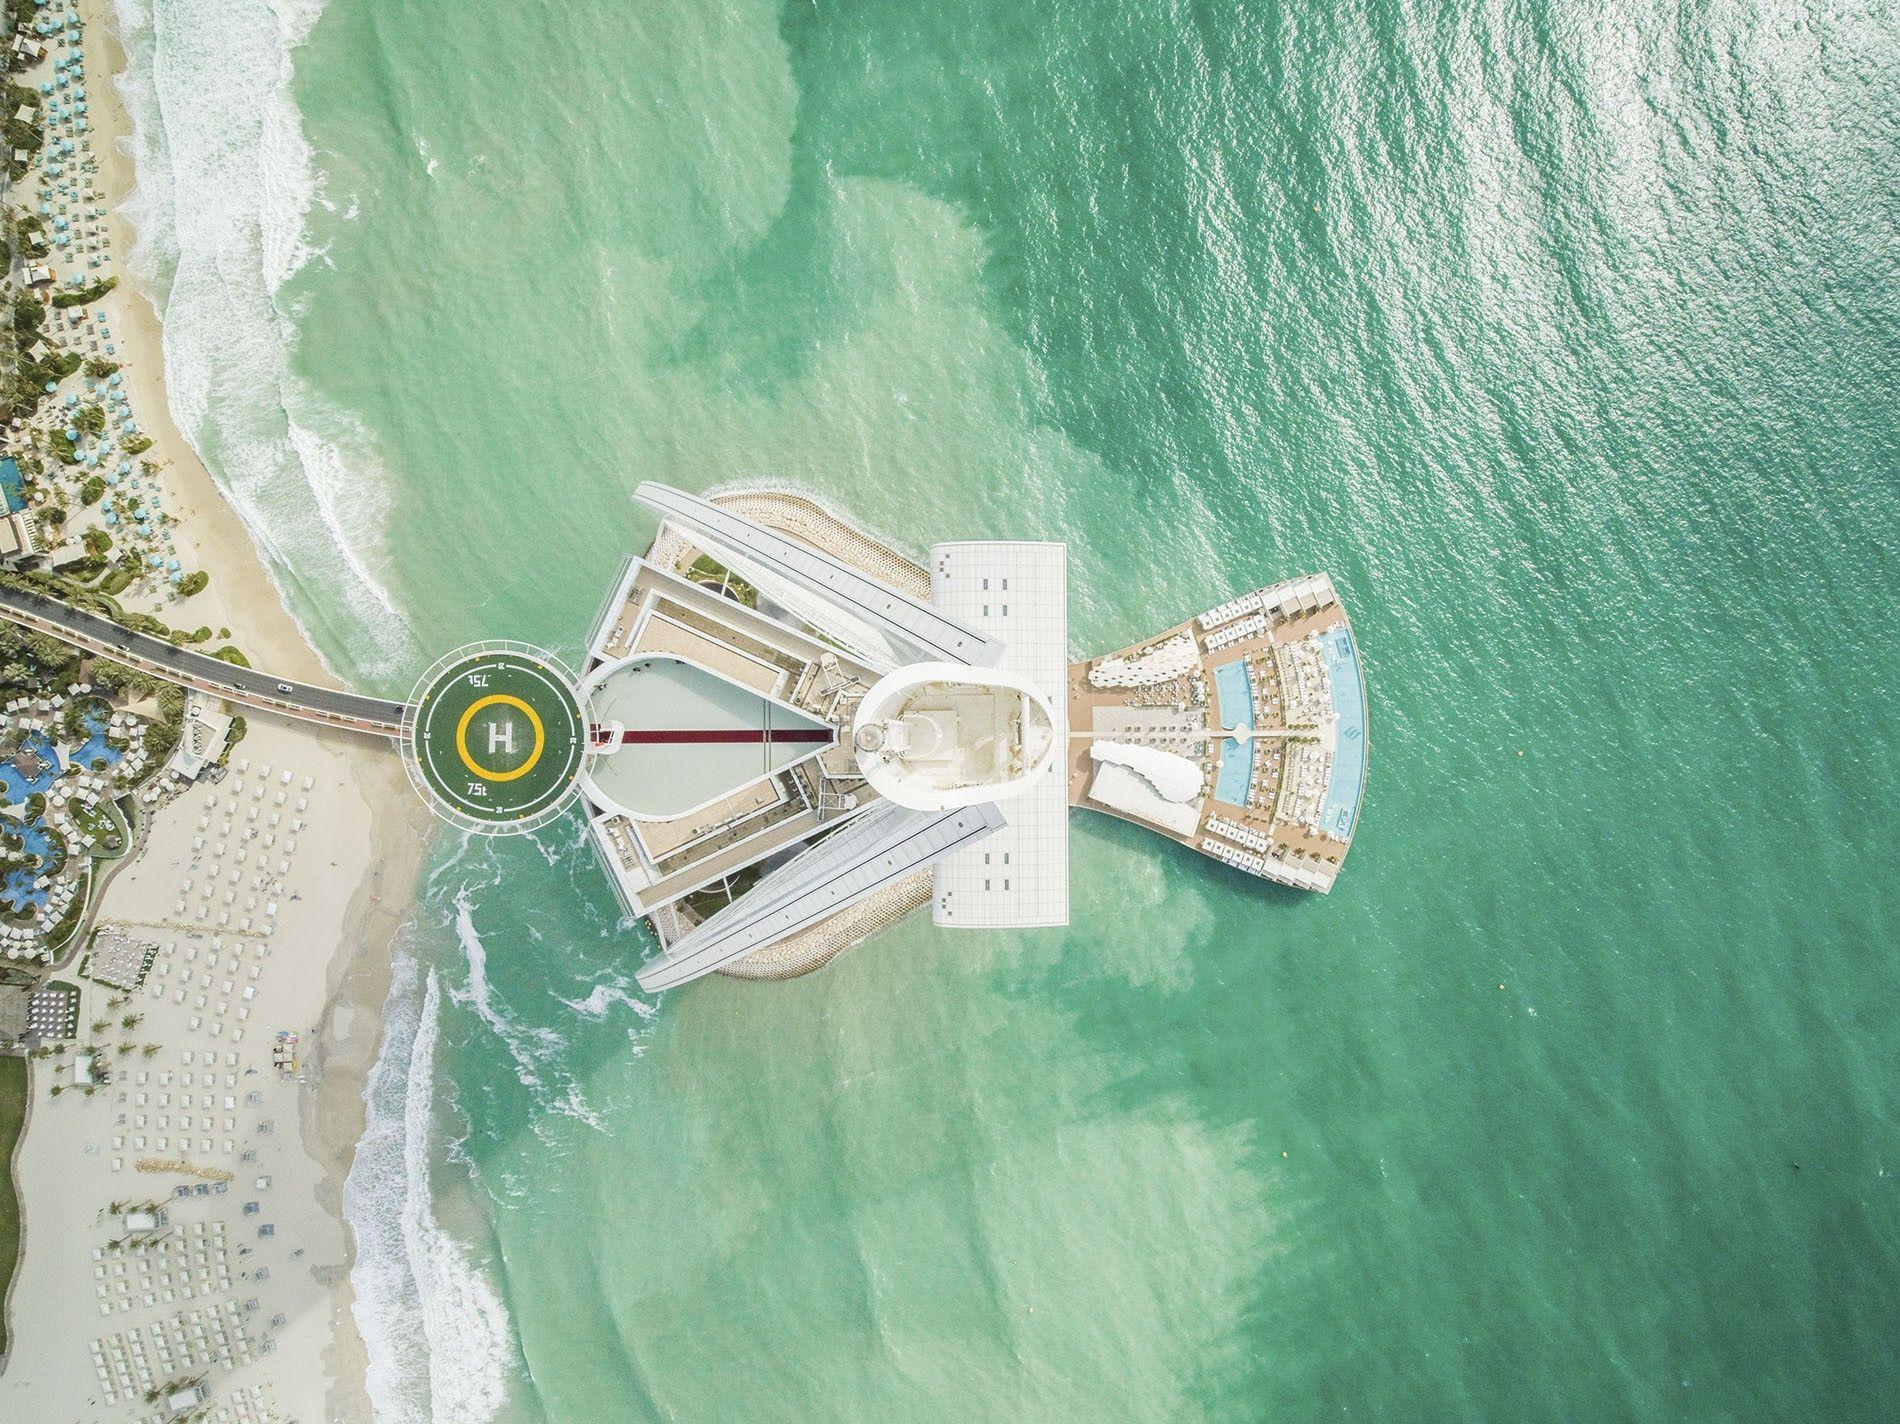 Aerial view of the Burj Al Arab Jumeirah.